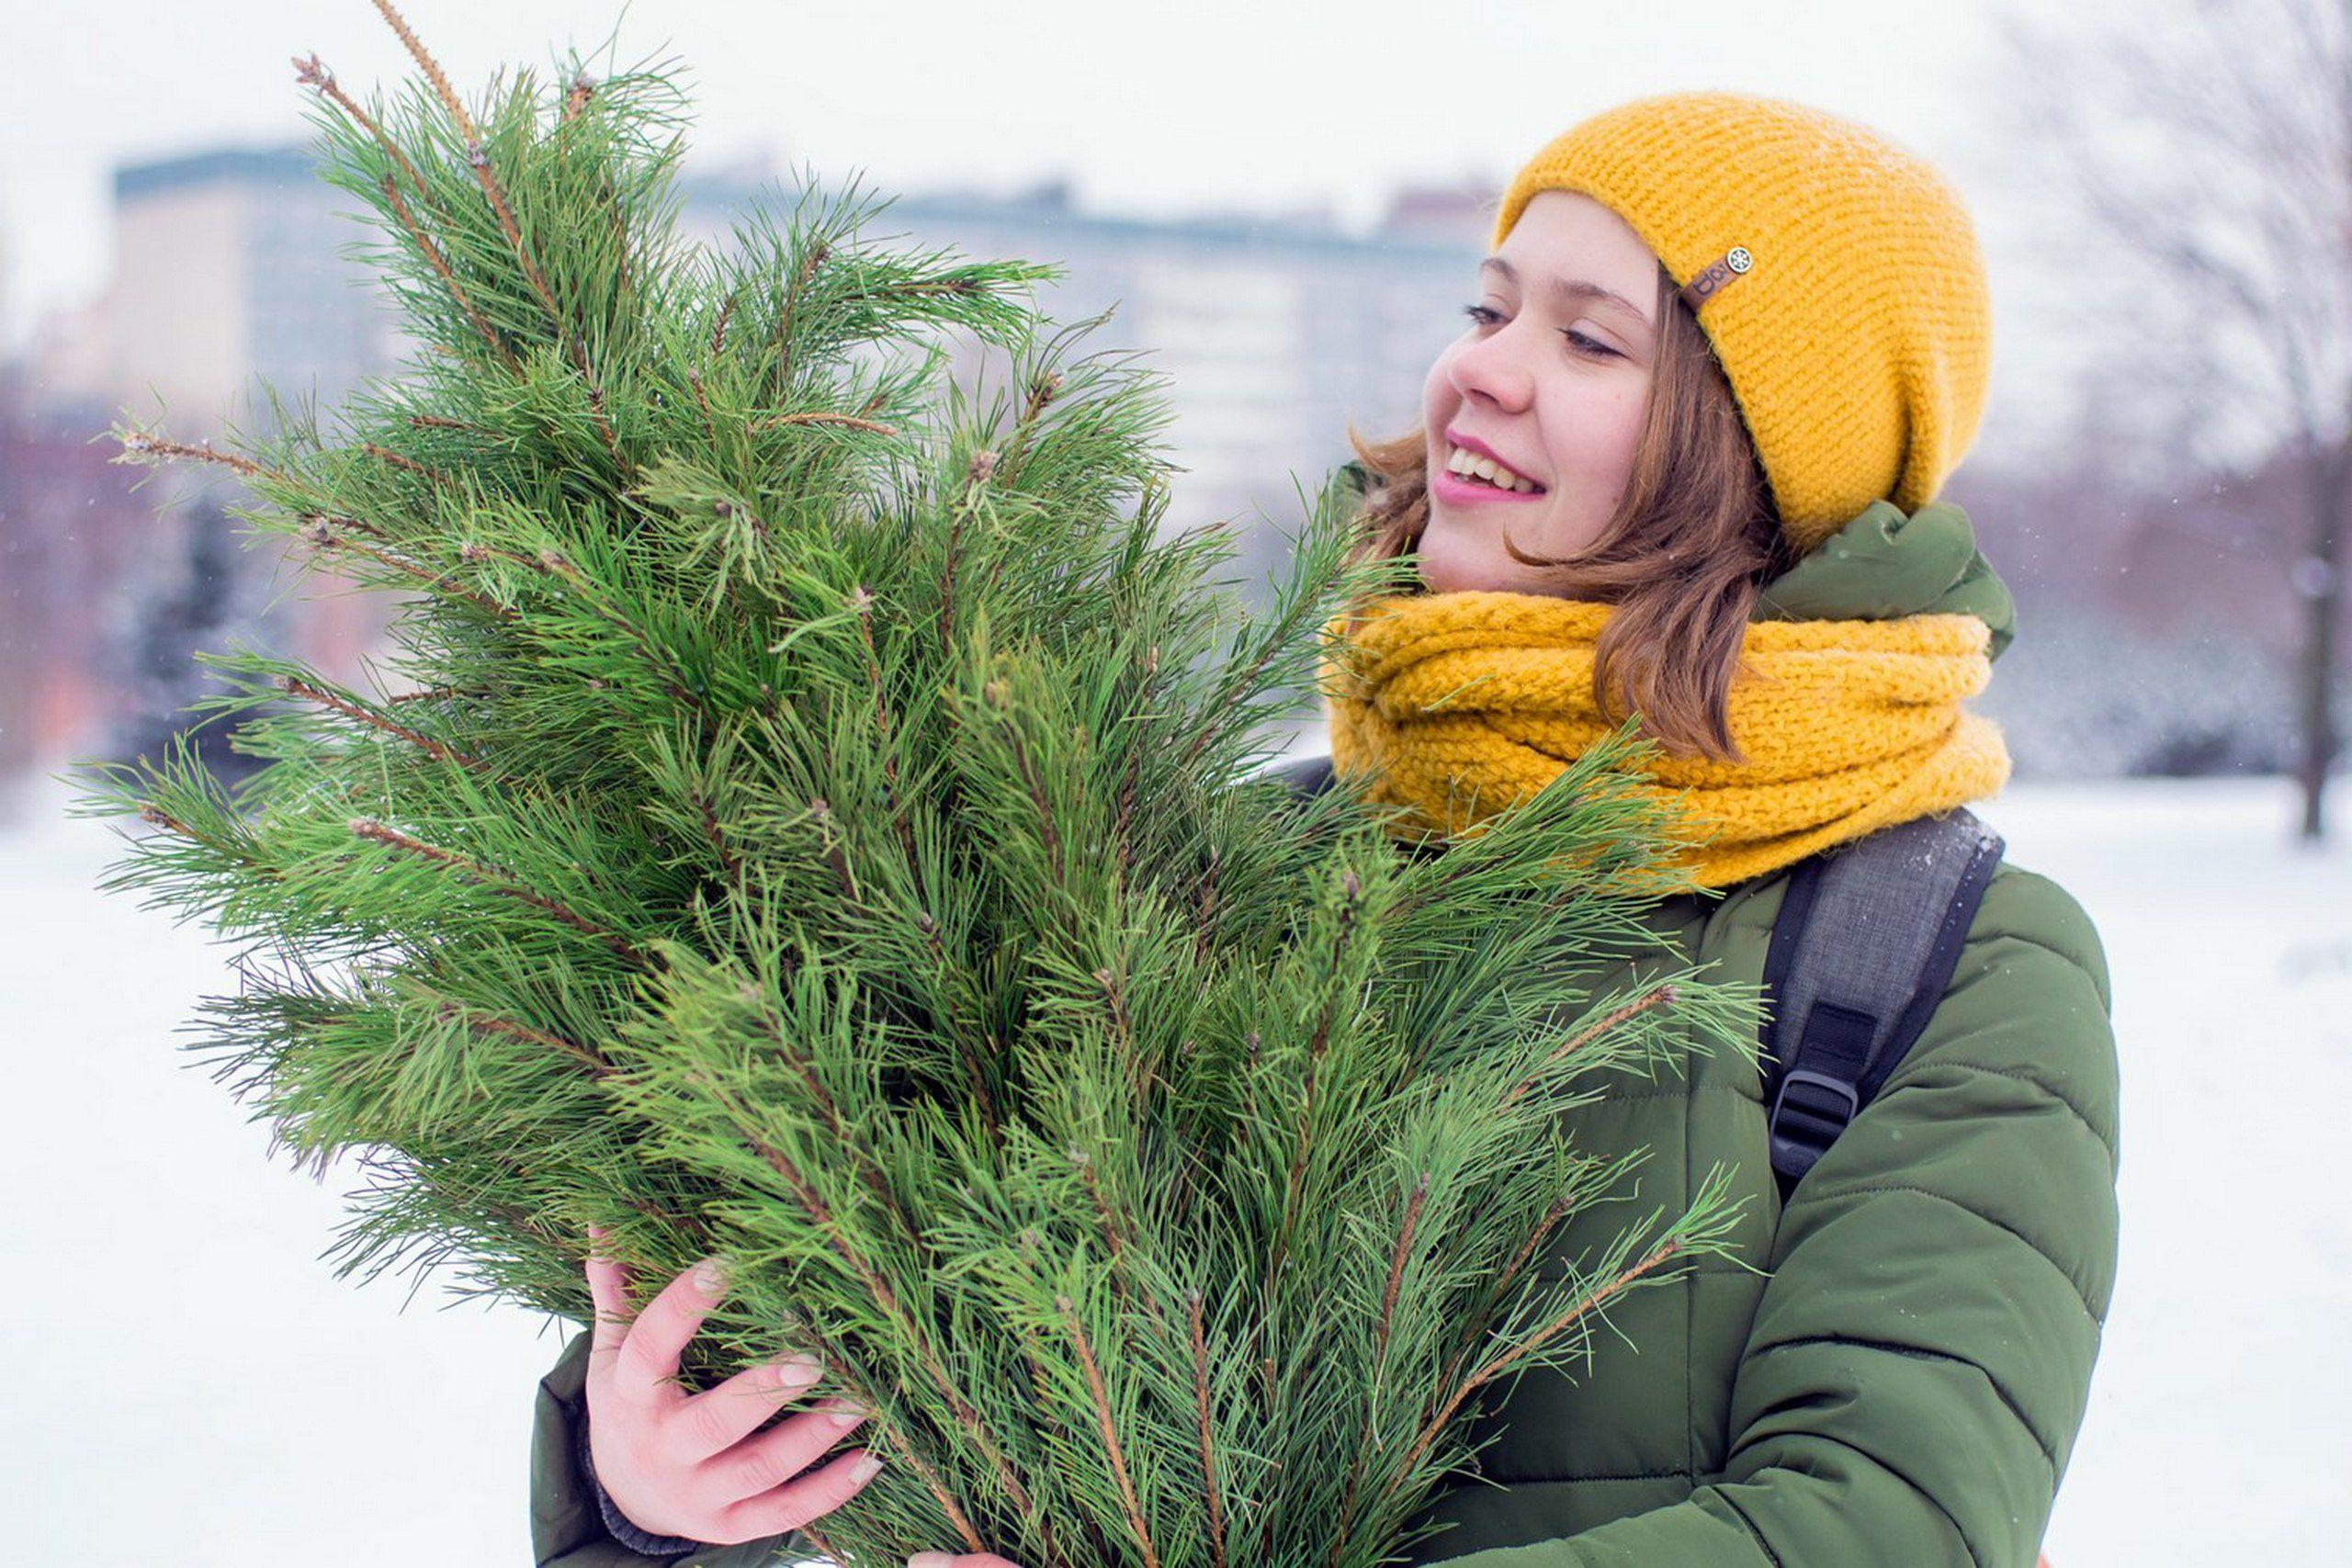 Польза хвои, или куда деть елку после праздников?